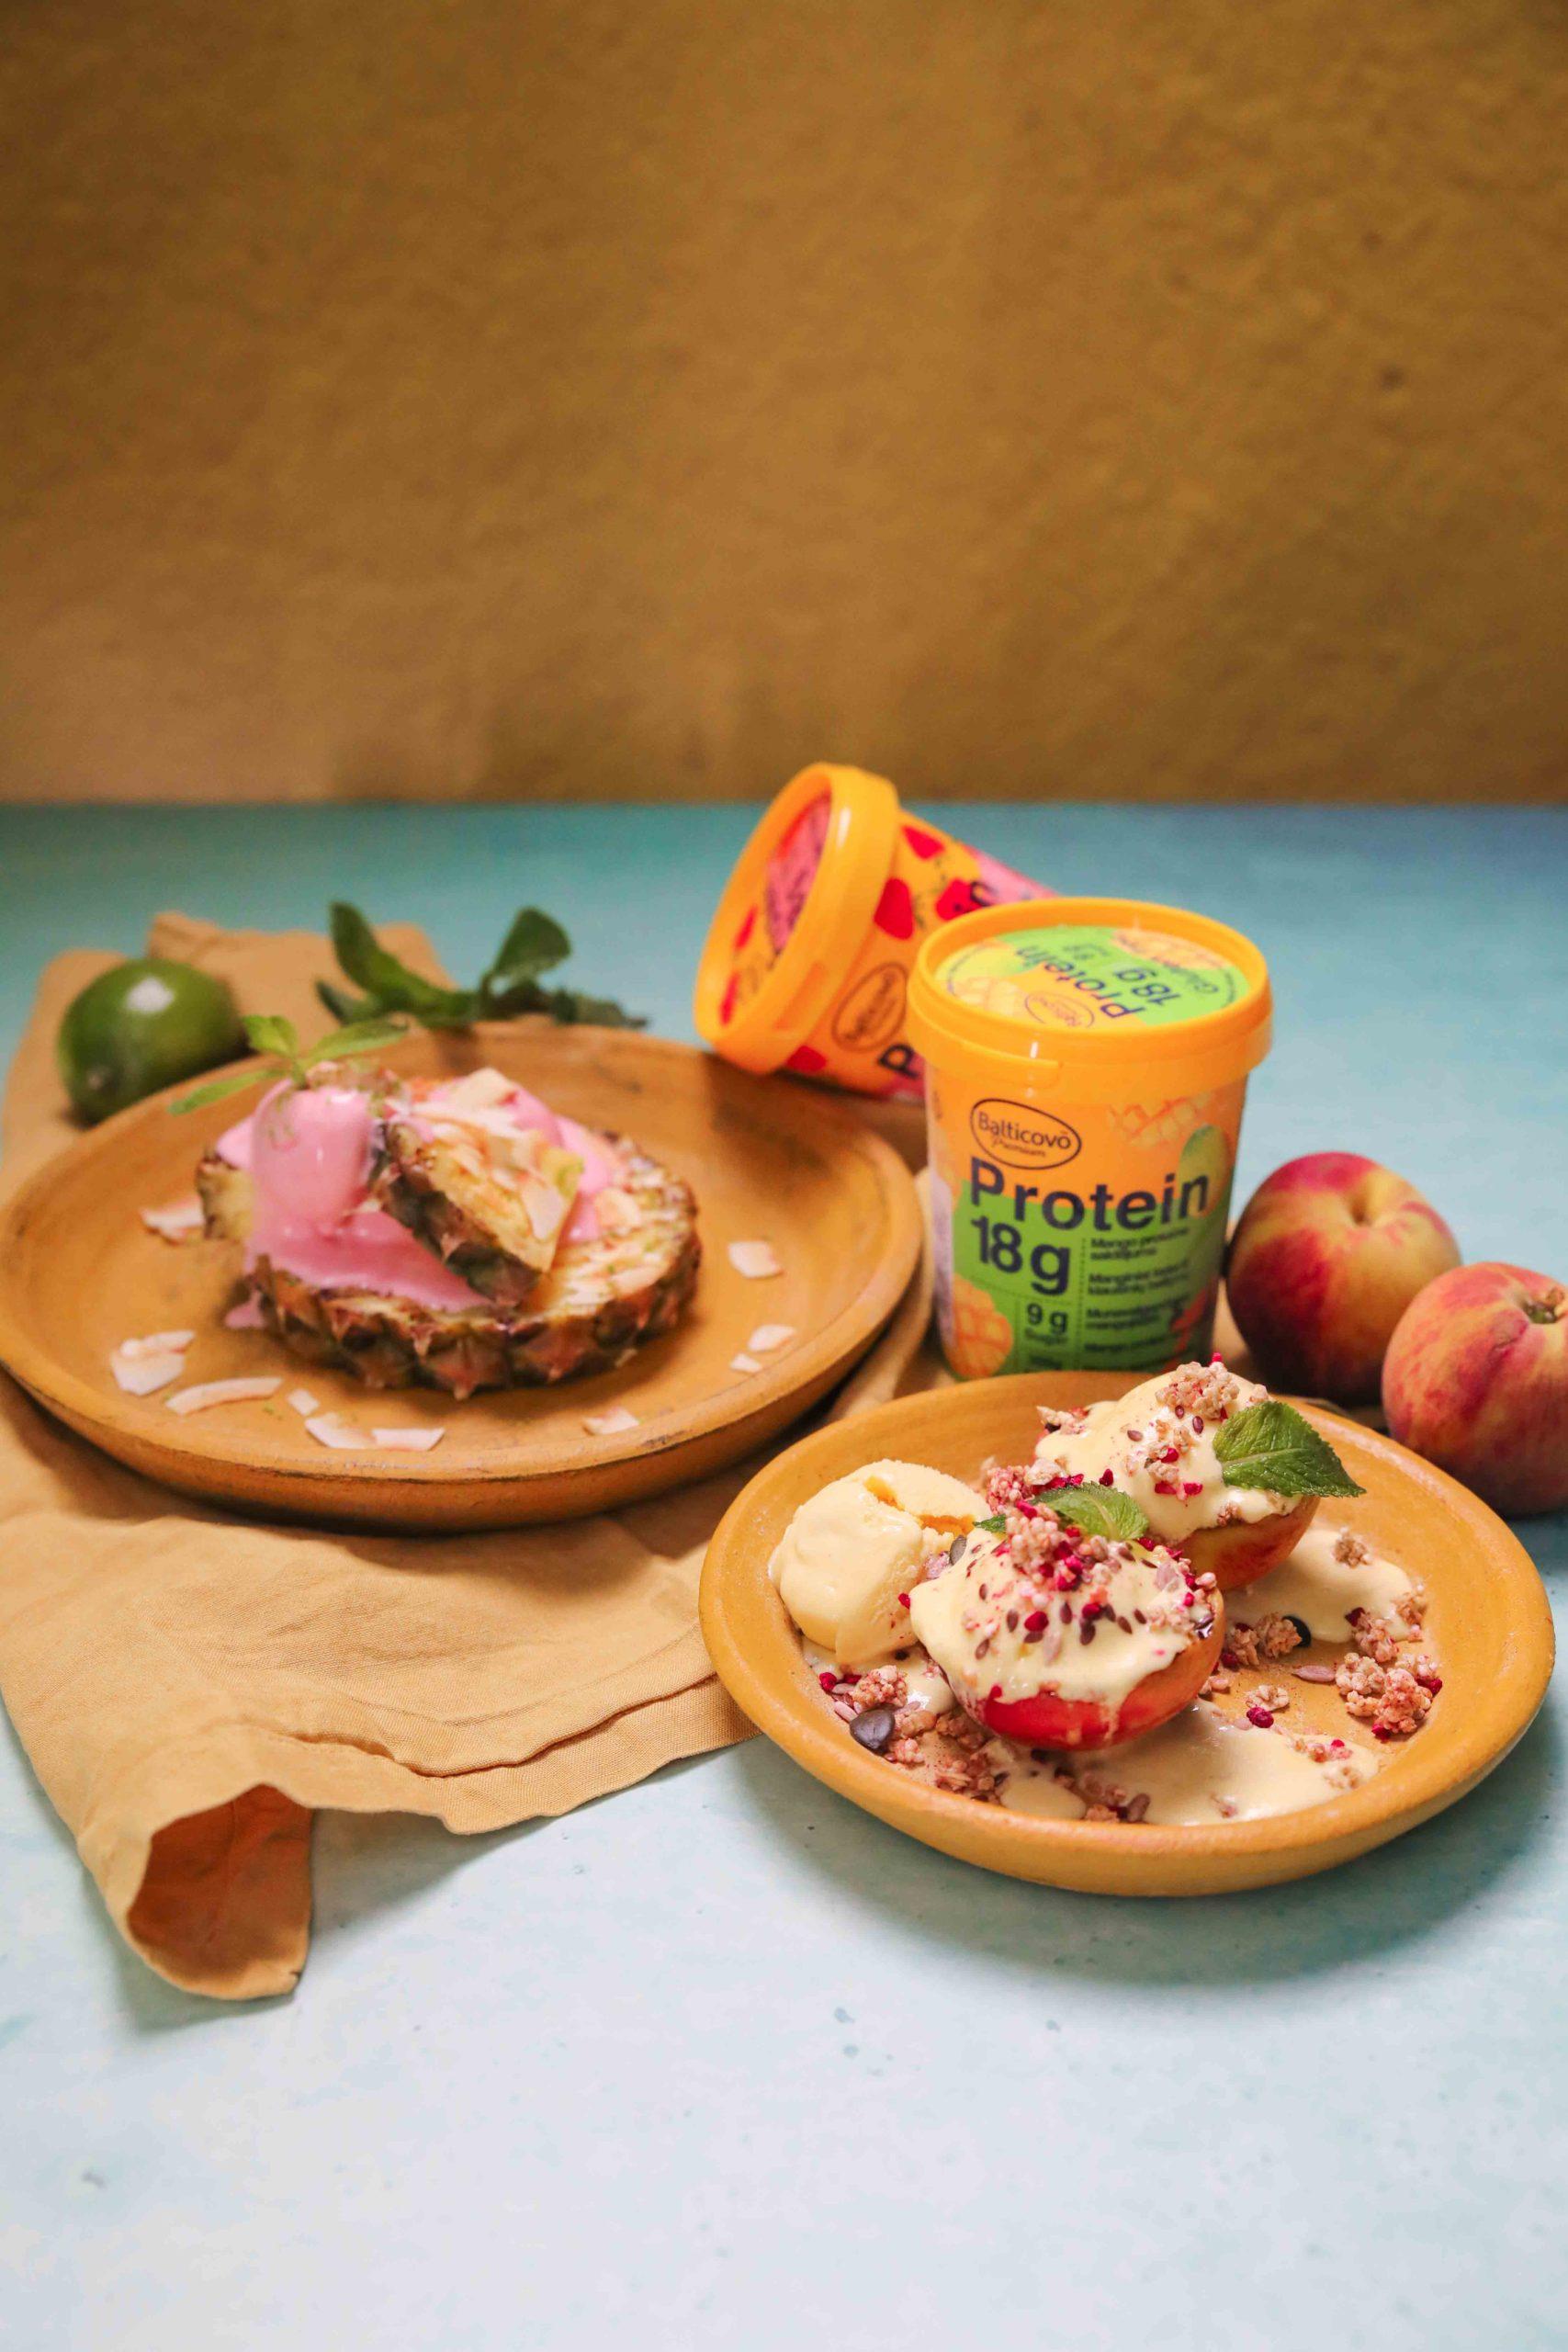 Proteīna saldējums ar grilētiem augļiem